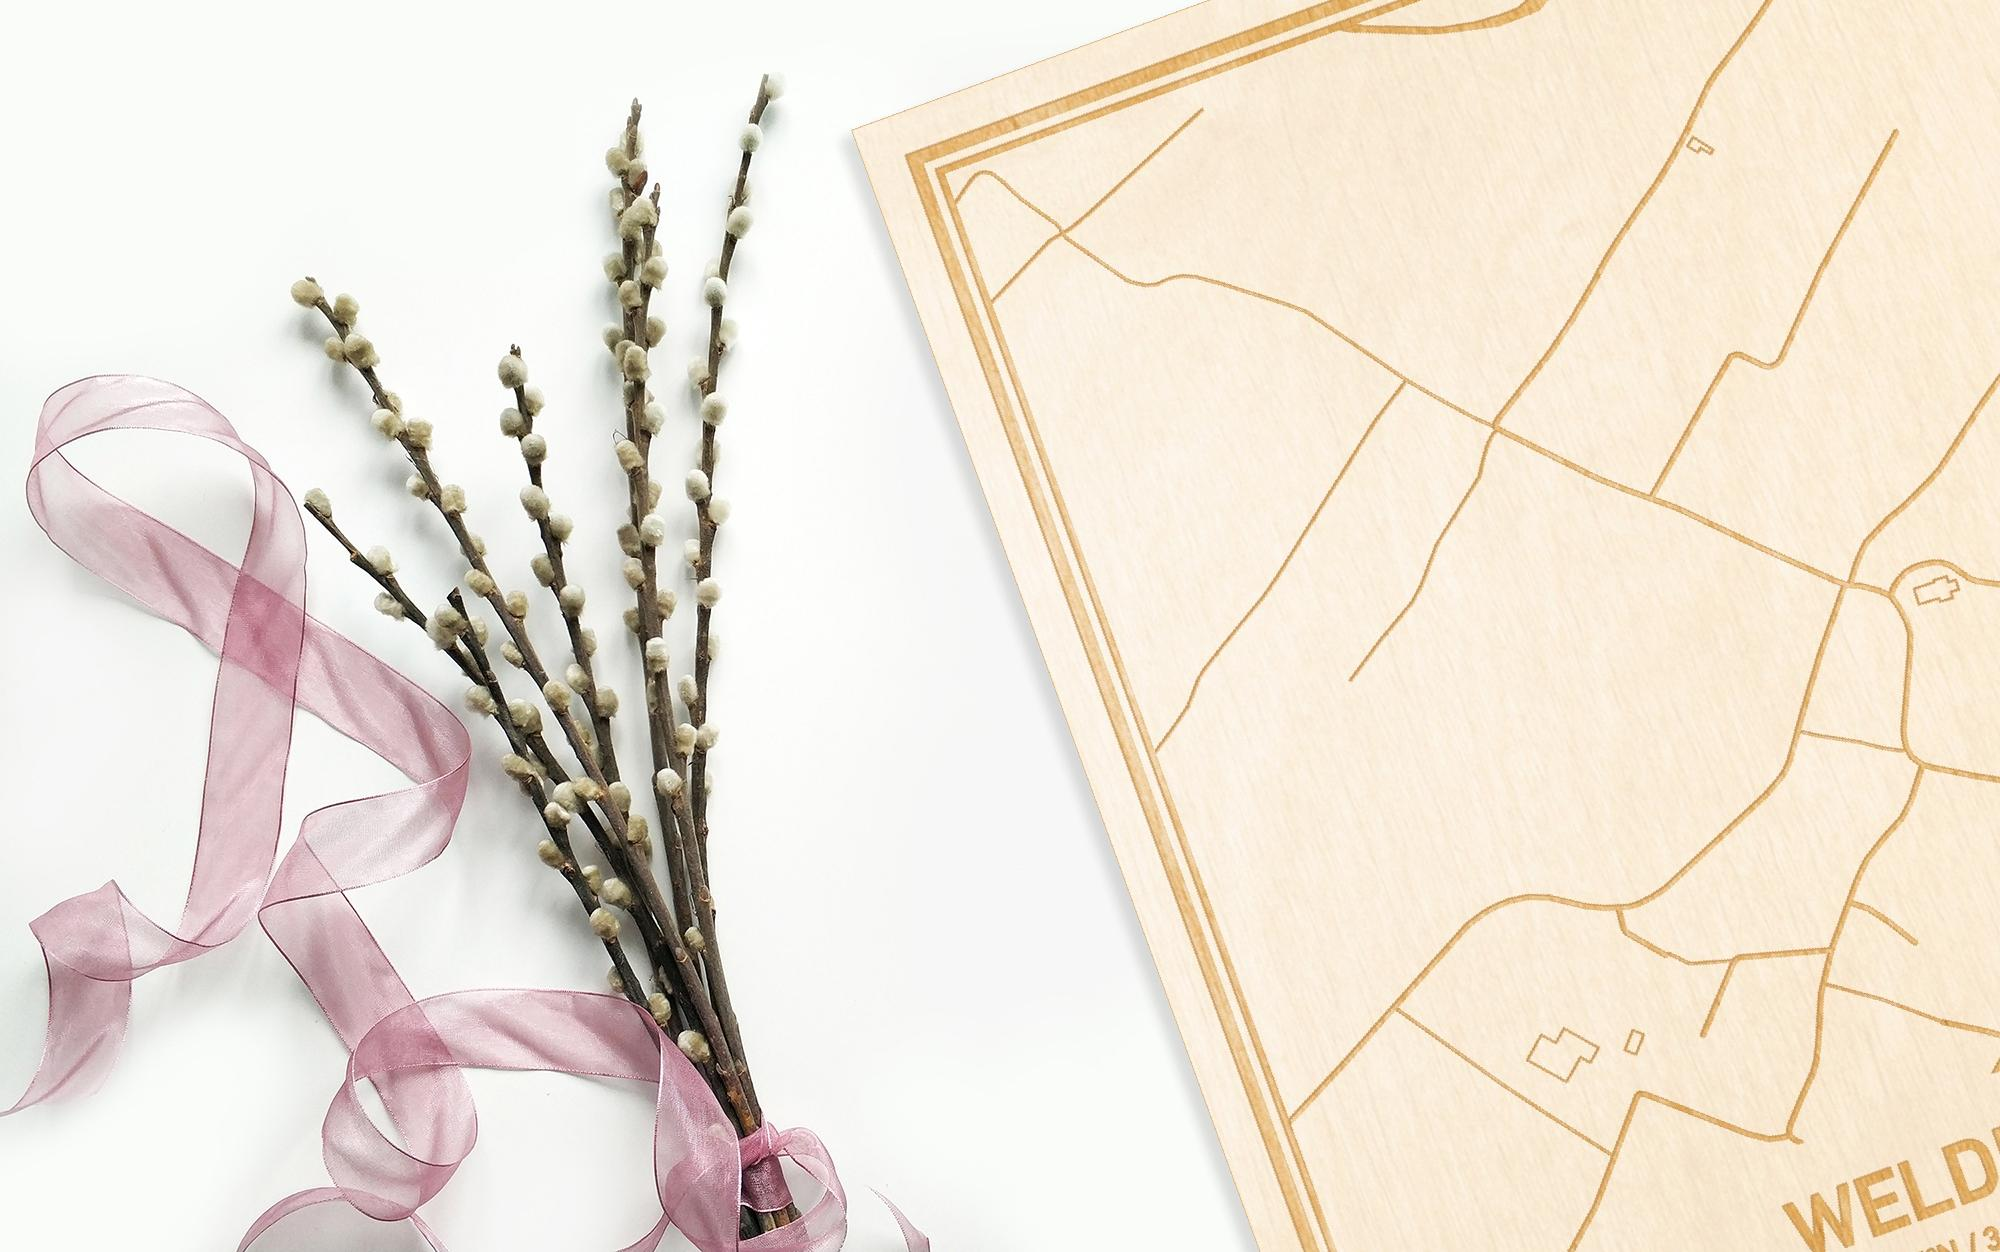 Hier ligt de houten plattegrond Welden naast een bloemetje als gepersonaliseerd cadeau voor haar.